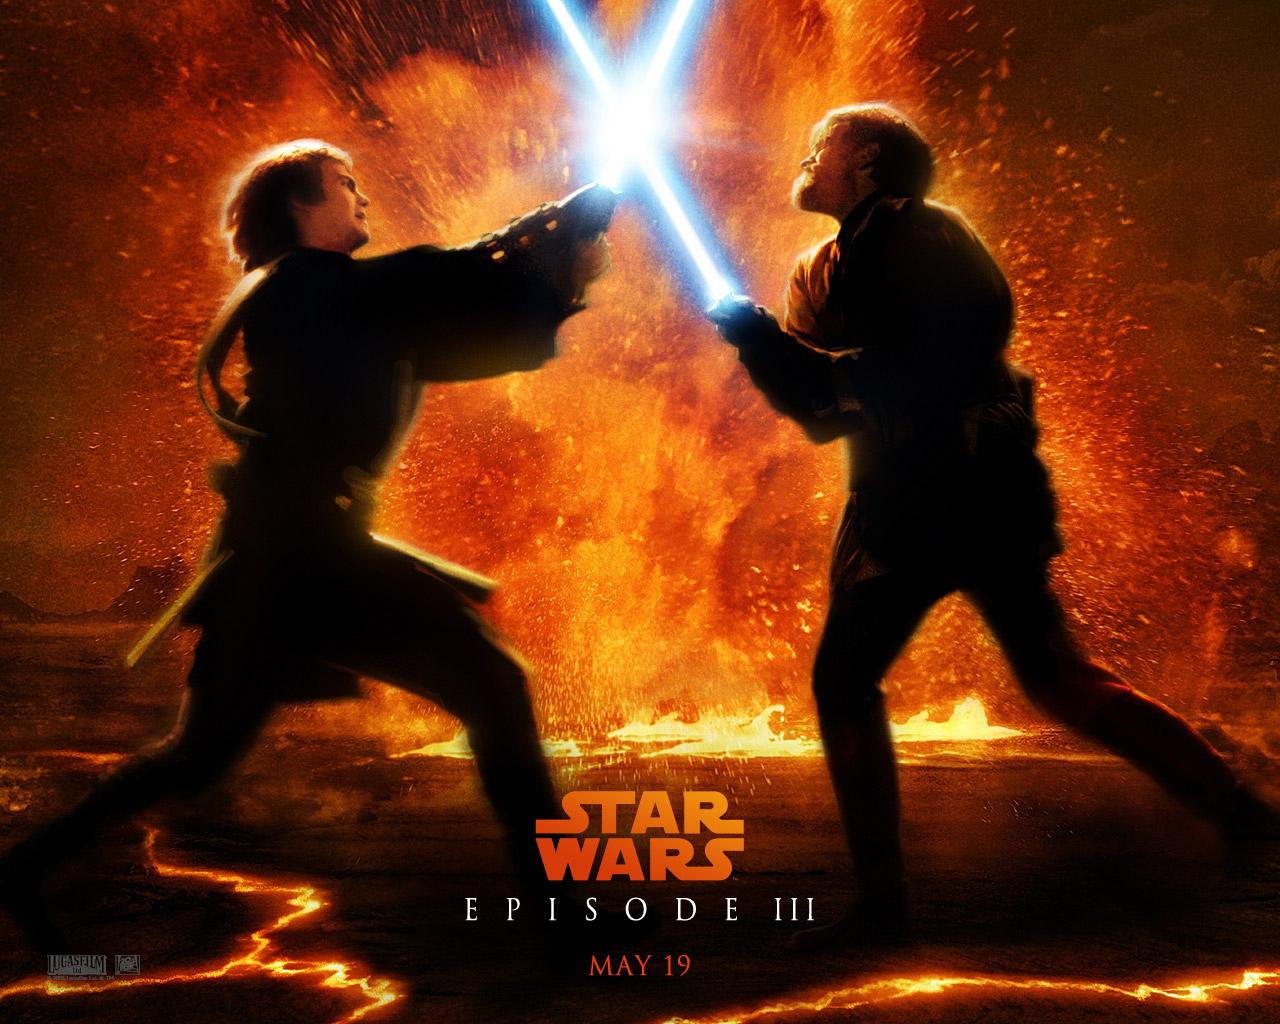 Обои и картинки 1280x1024 371KB Звёздные войны